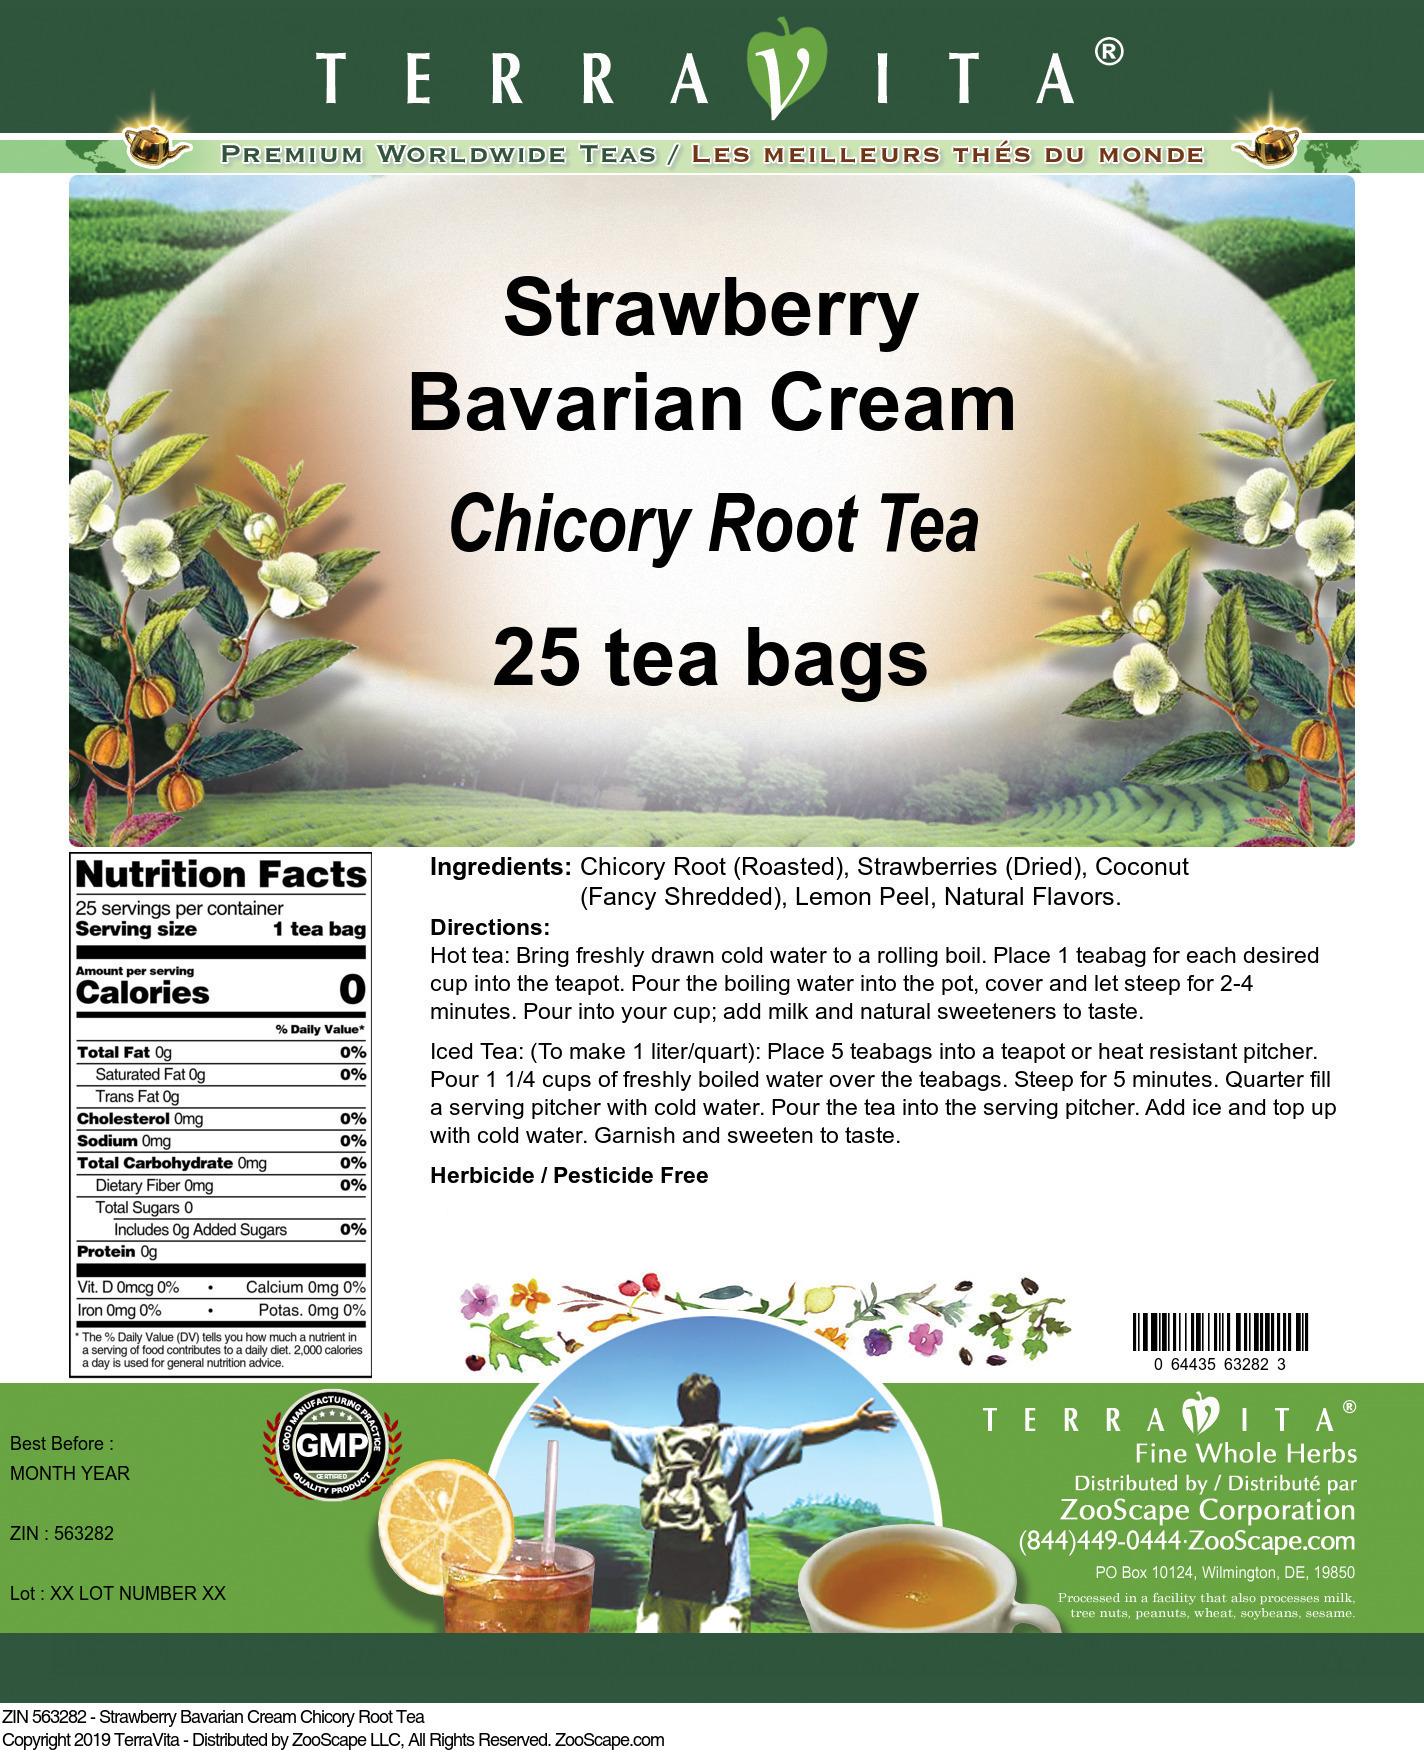 Strawberry Bavarian Cream Chicory Root